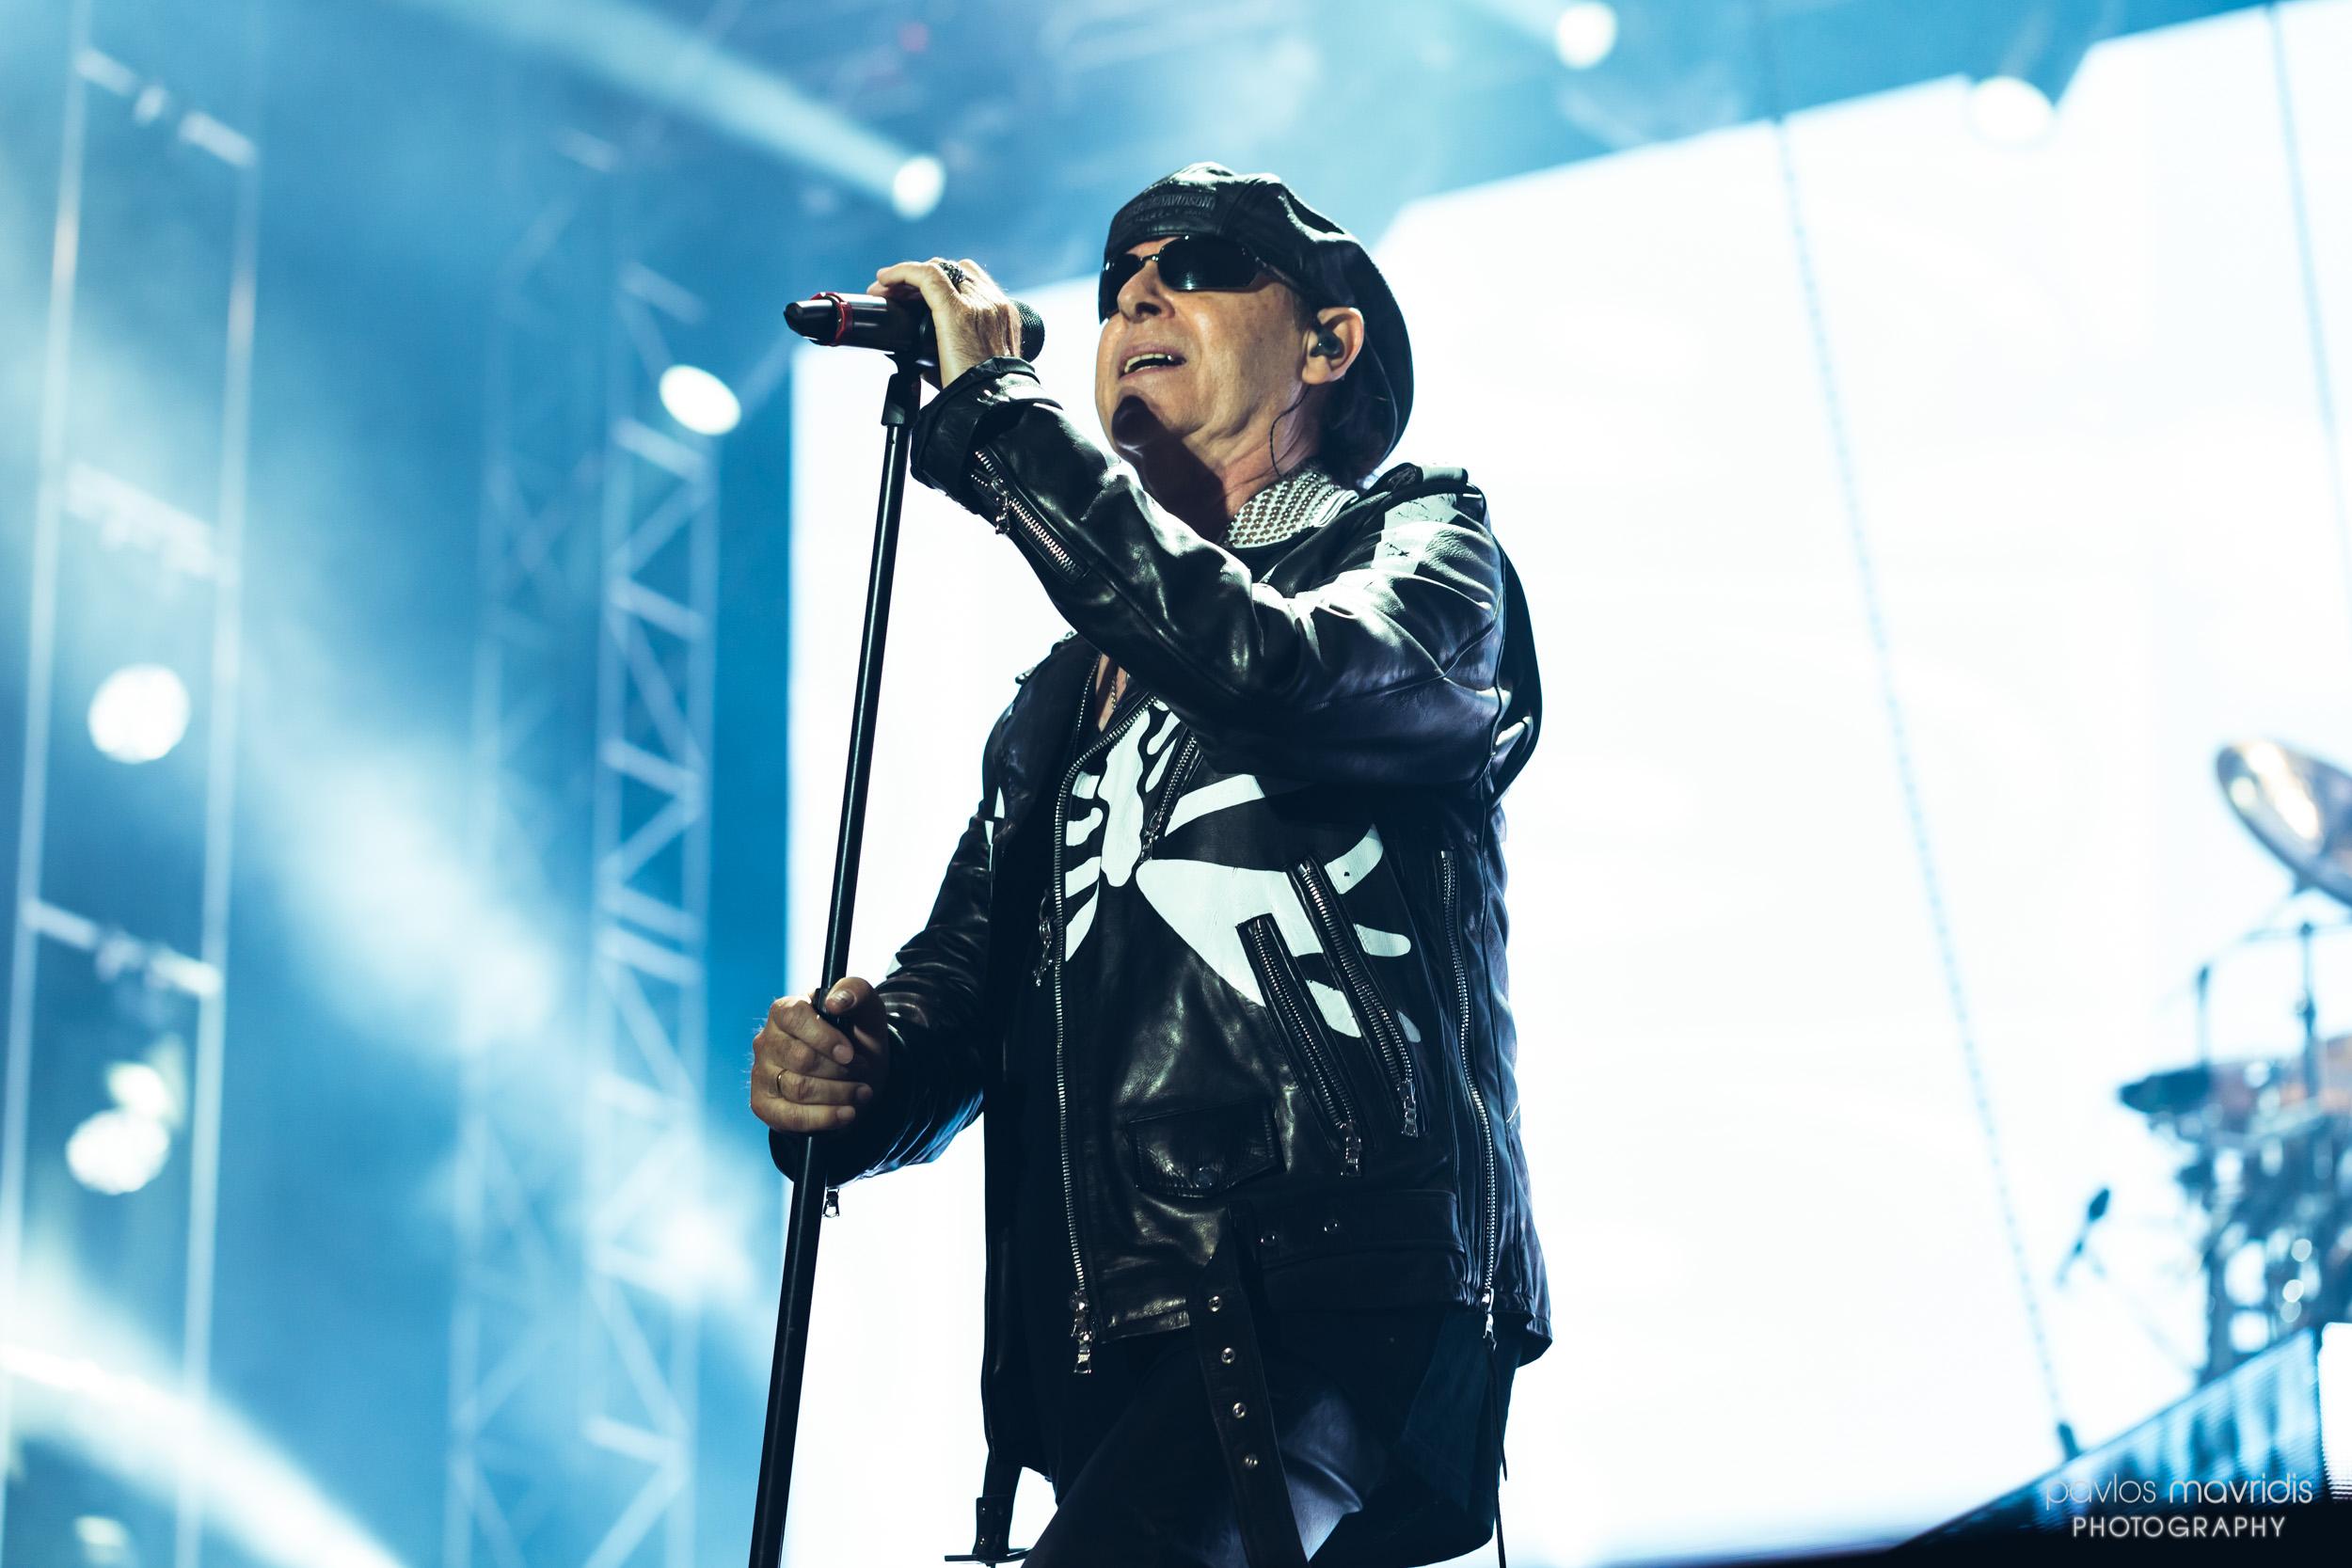 Scorpions_Panathenaic Stadium_11_hires.jpg